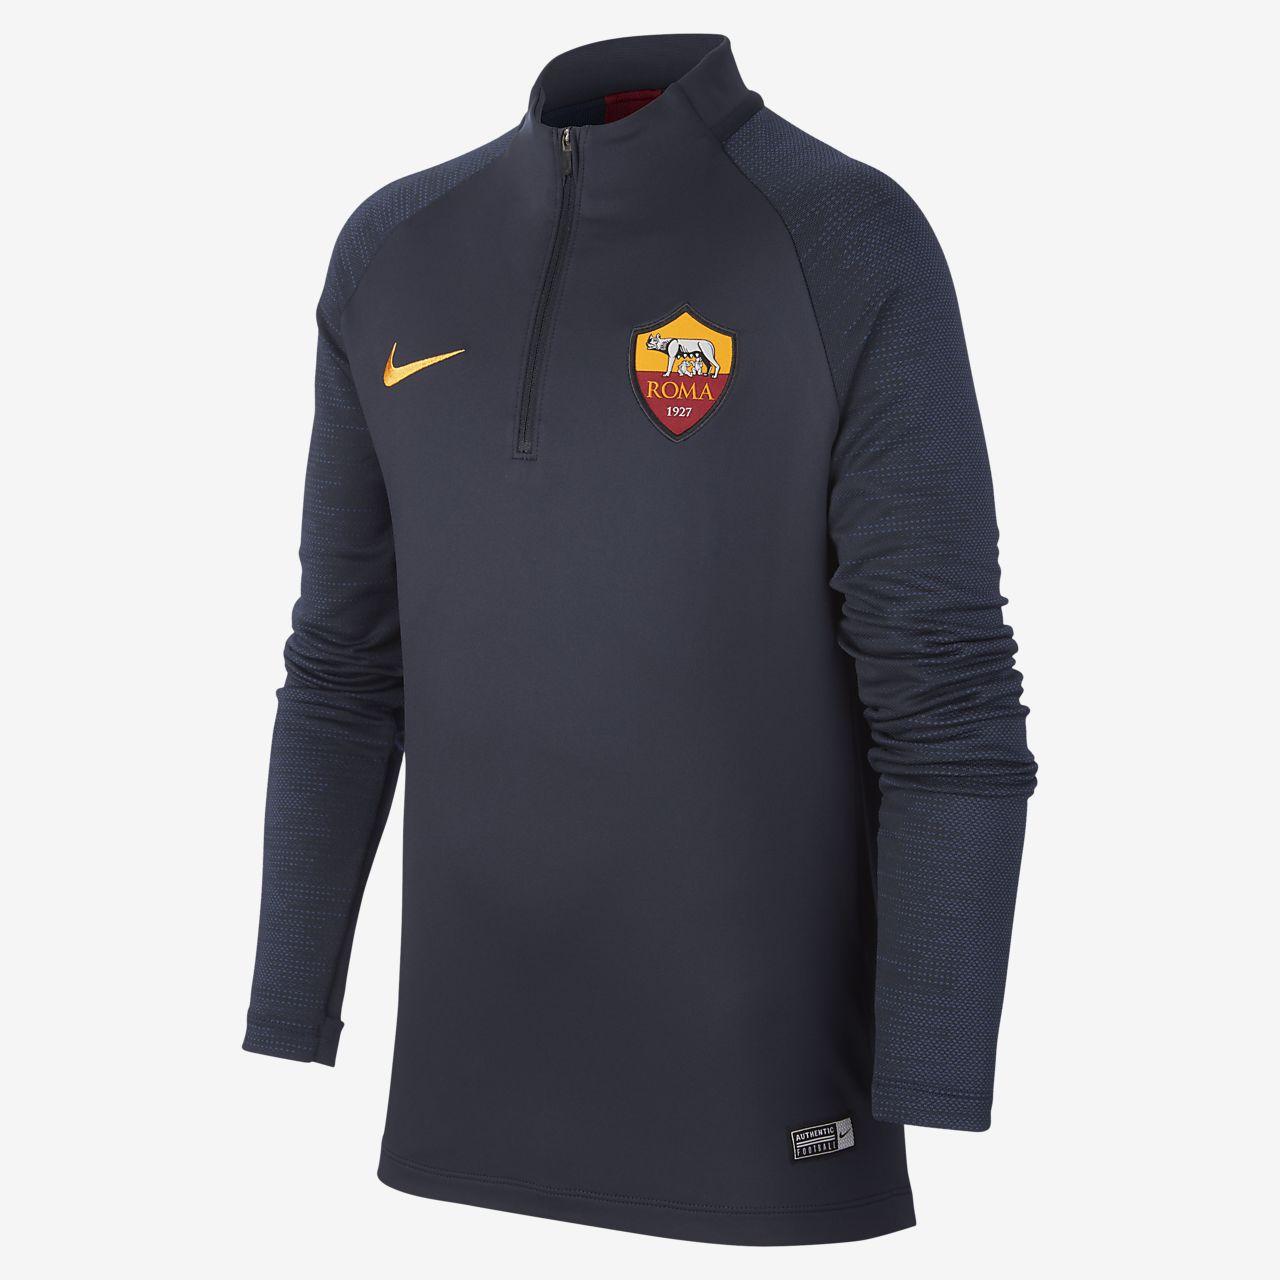 Nike Dri-FIT A.S. Roma Strike-fodboldtræningstrøje til store børn